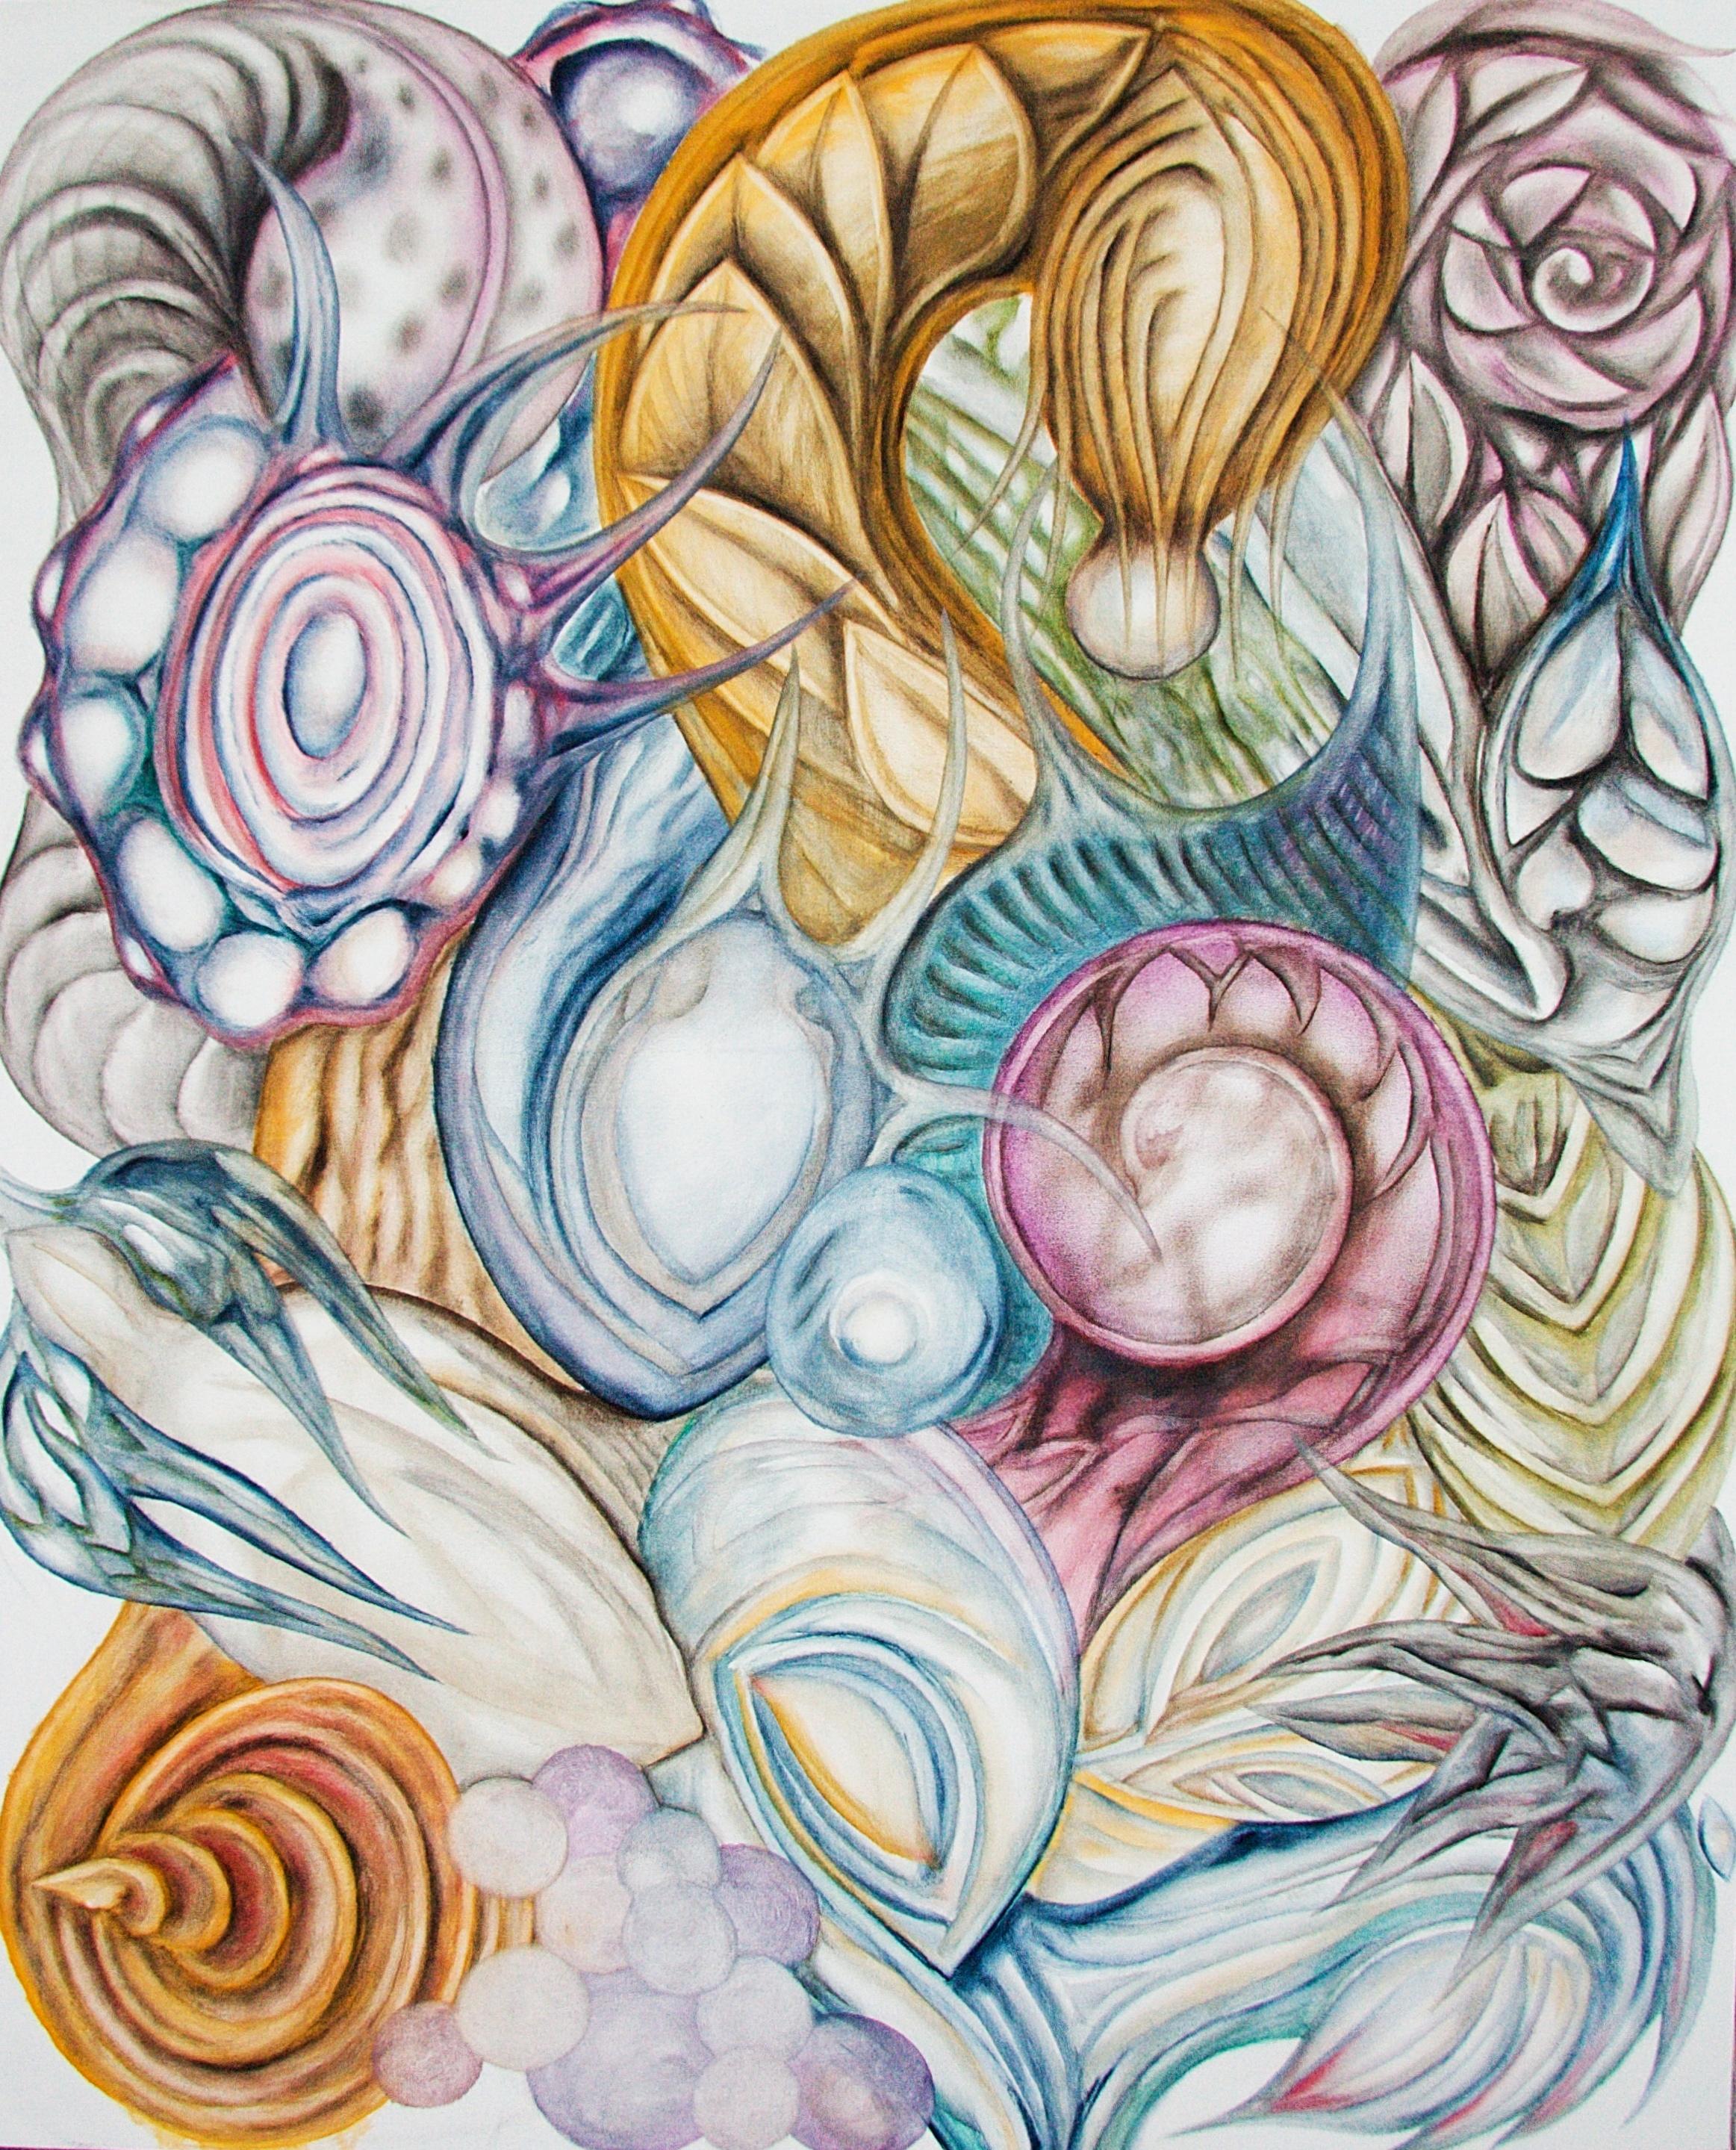 Vystava Obrazu A Plastik Petra Hejneho Na Zamku Nebilovy Nebilovy